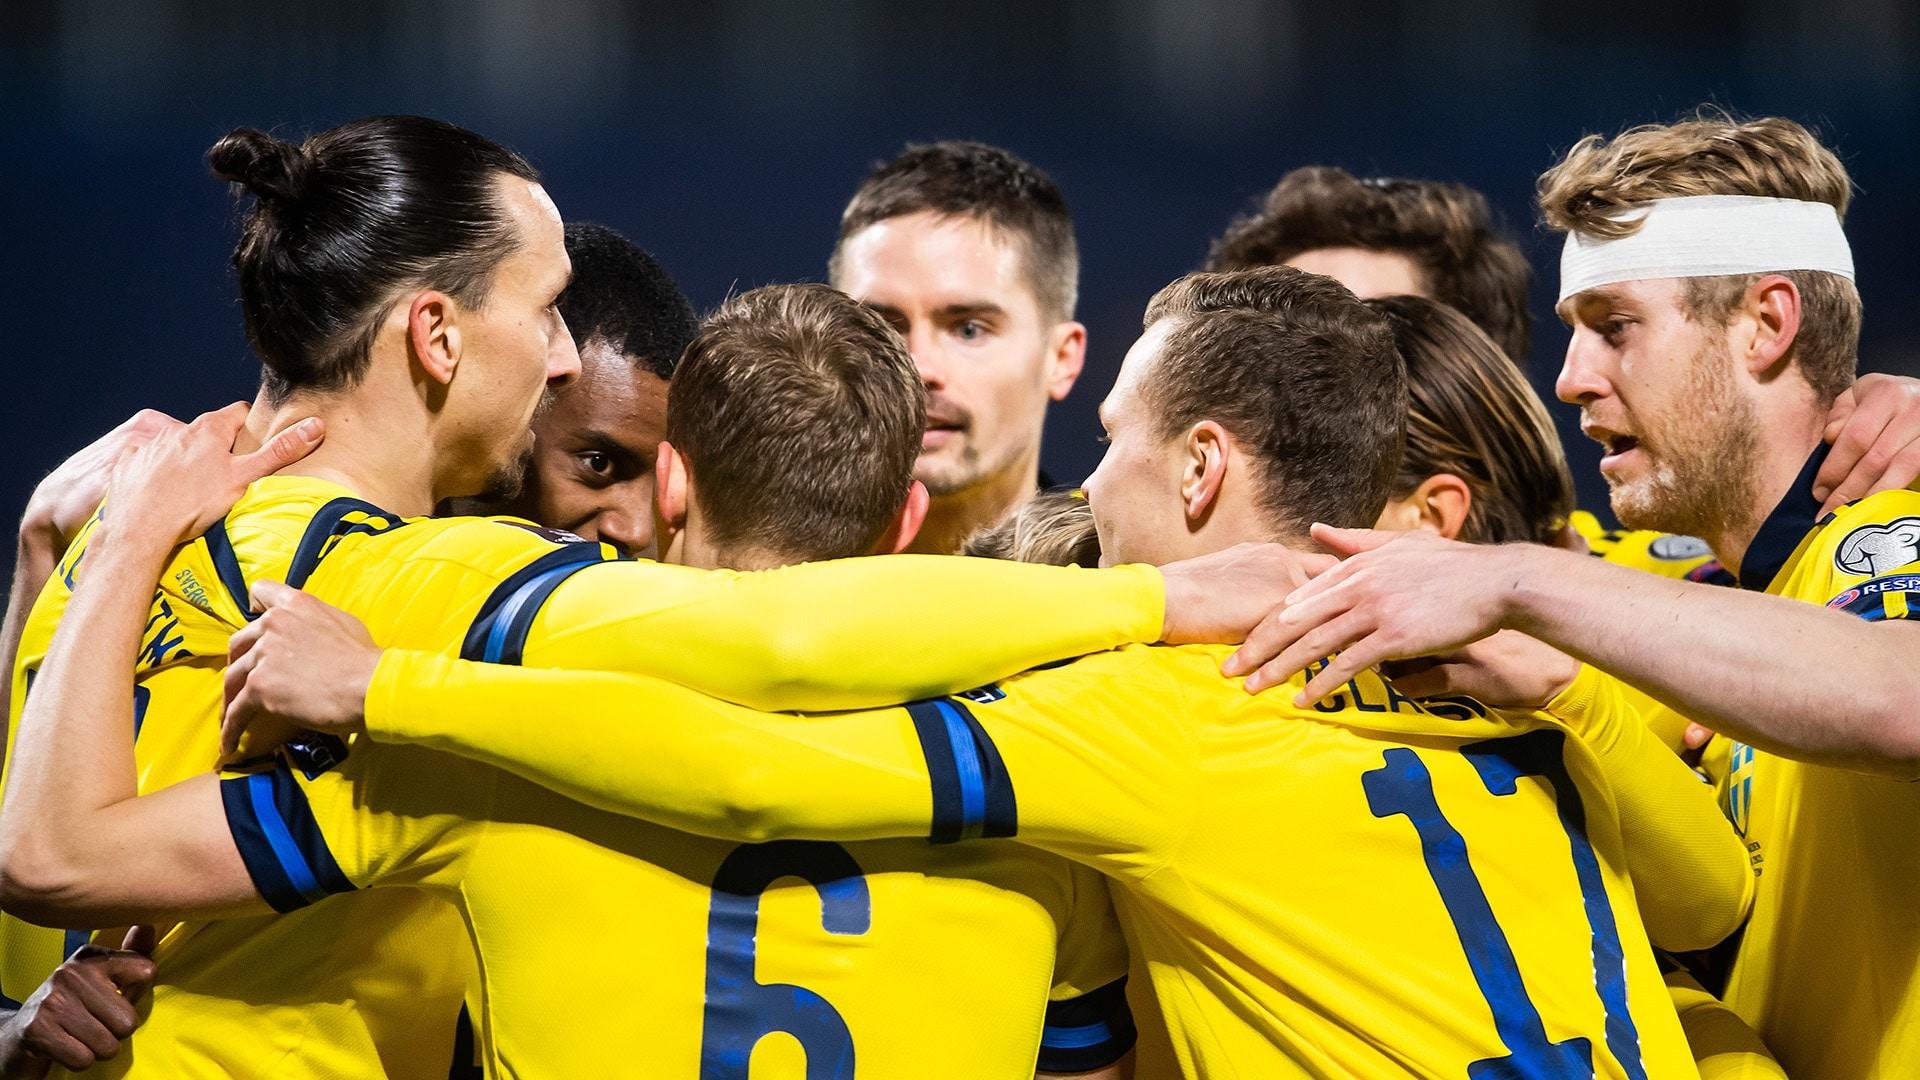 تعرف على موعد مباراة منتخب السويد وأوكرانيا في اليورو والقنوات الناقلة